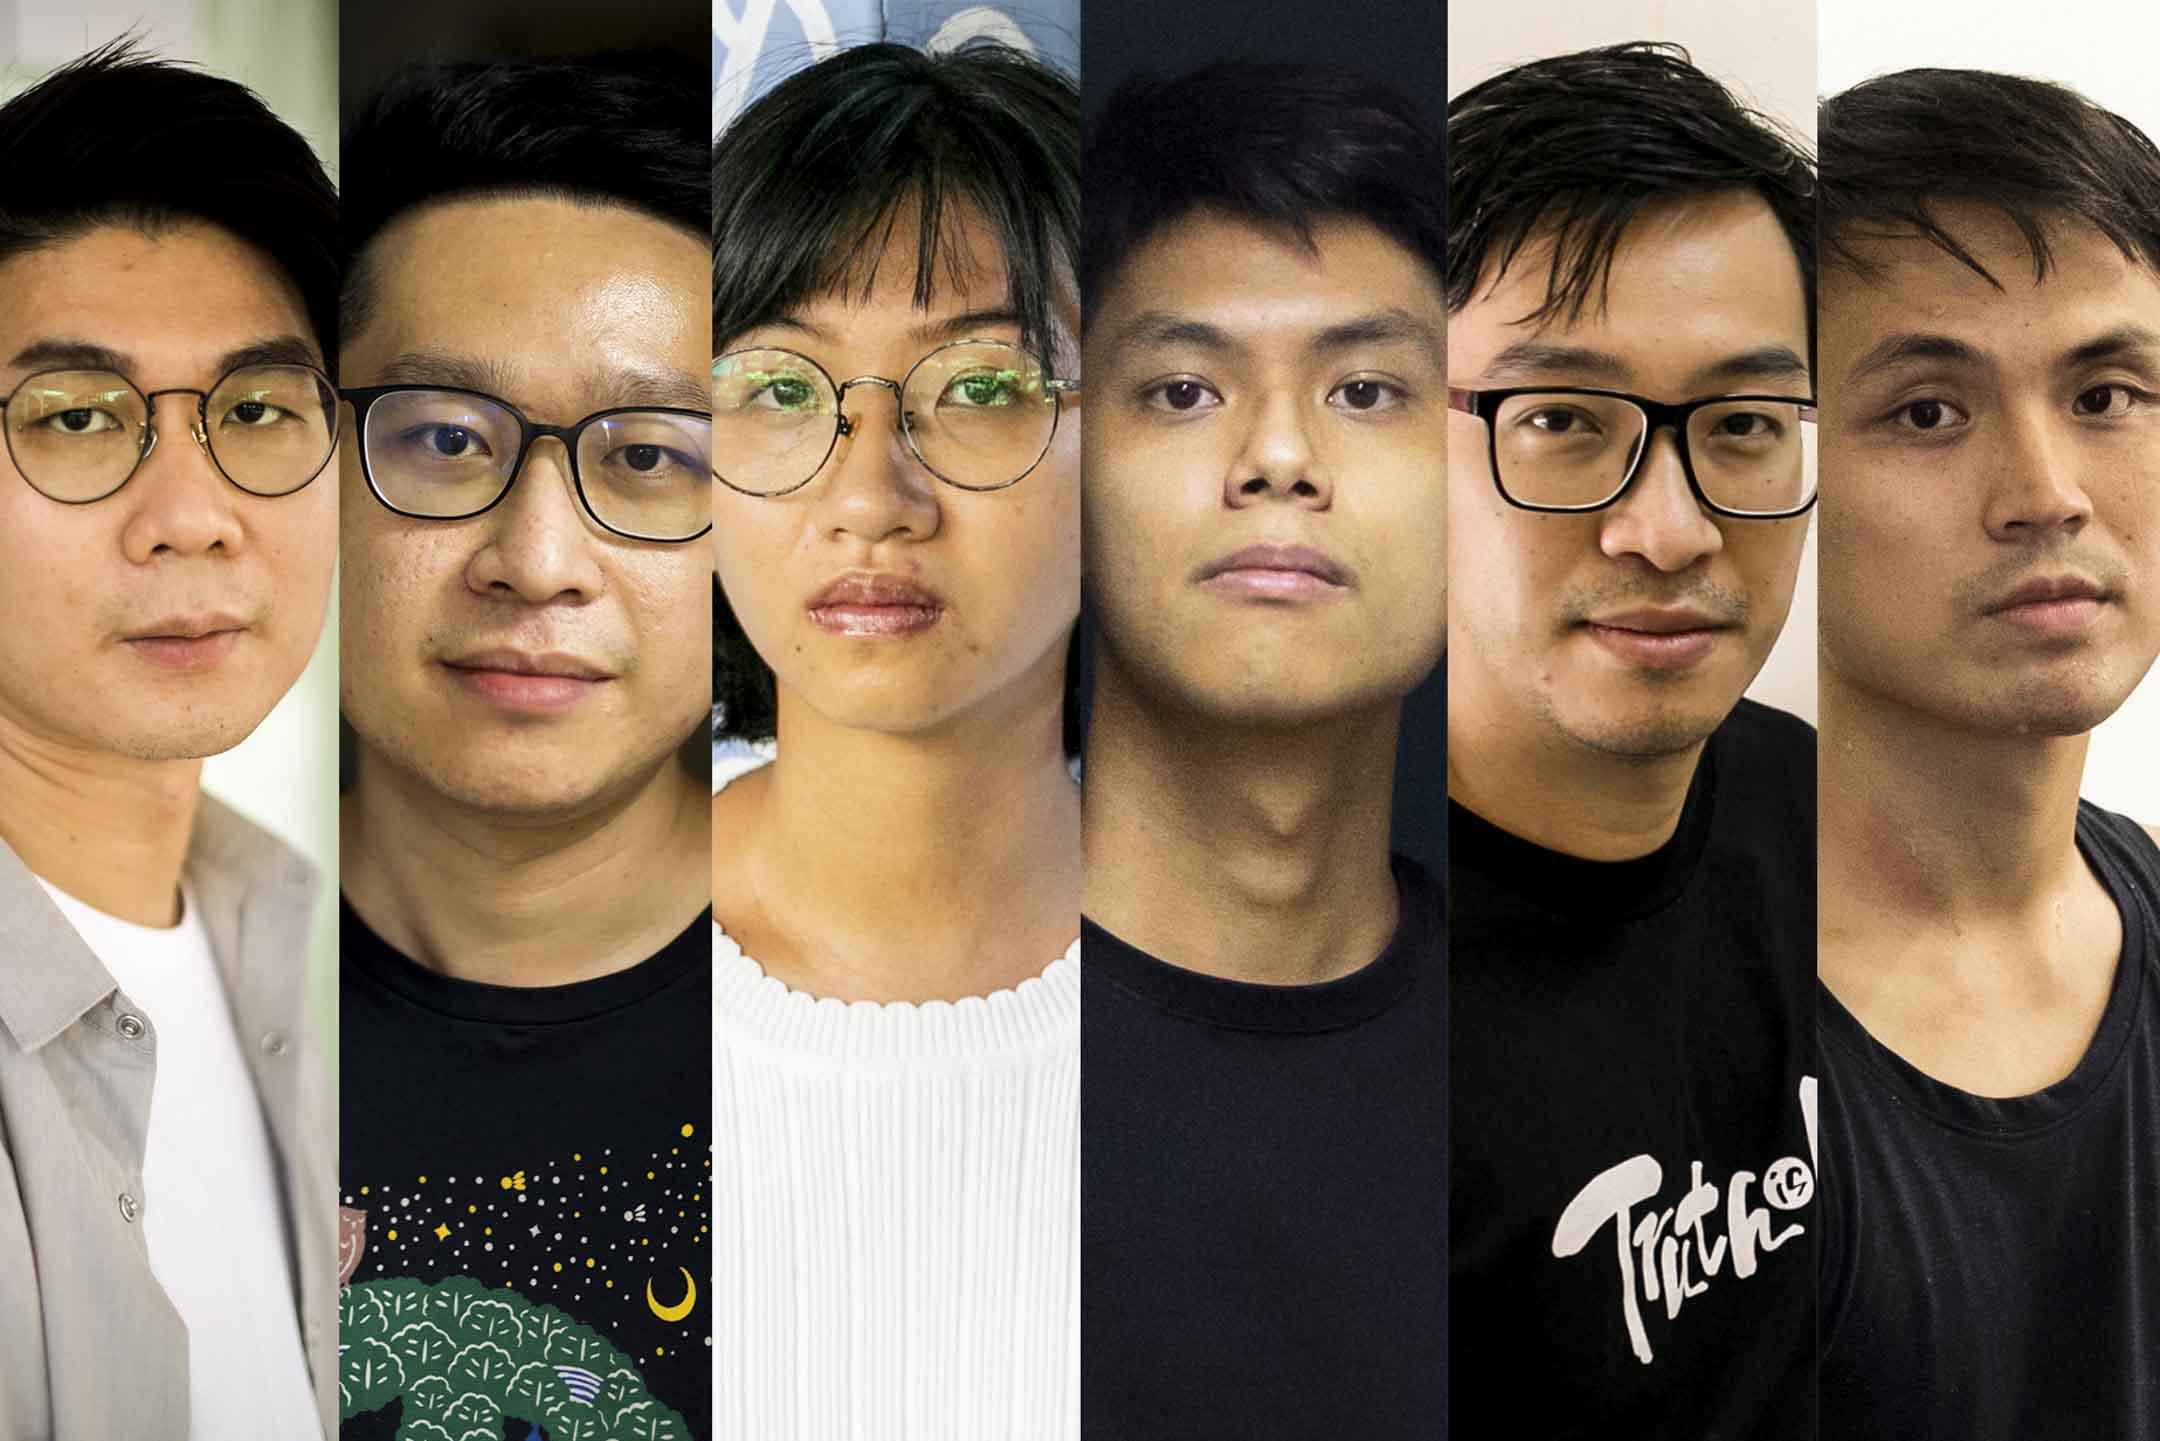 六位已辭職的區議員:麥梓健、林兆彬、陳嘉琳、方浩軒、楊彧、梁德明。